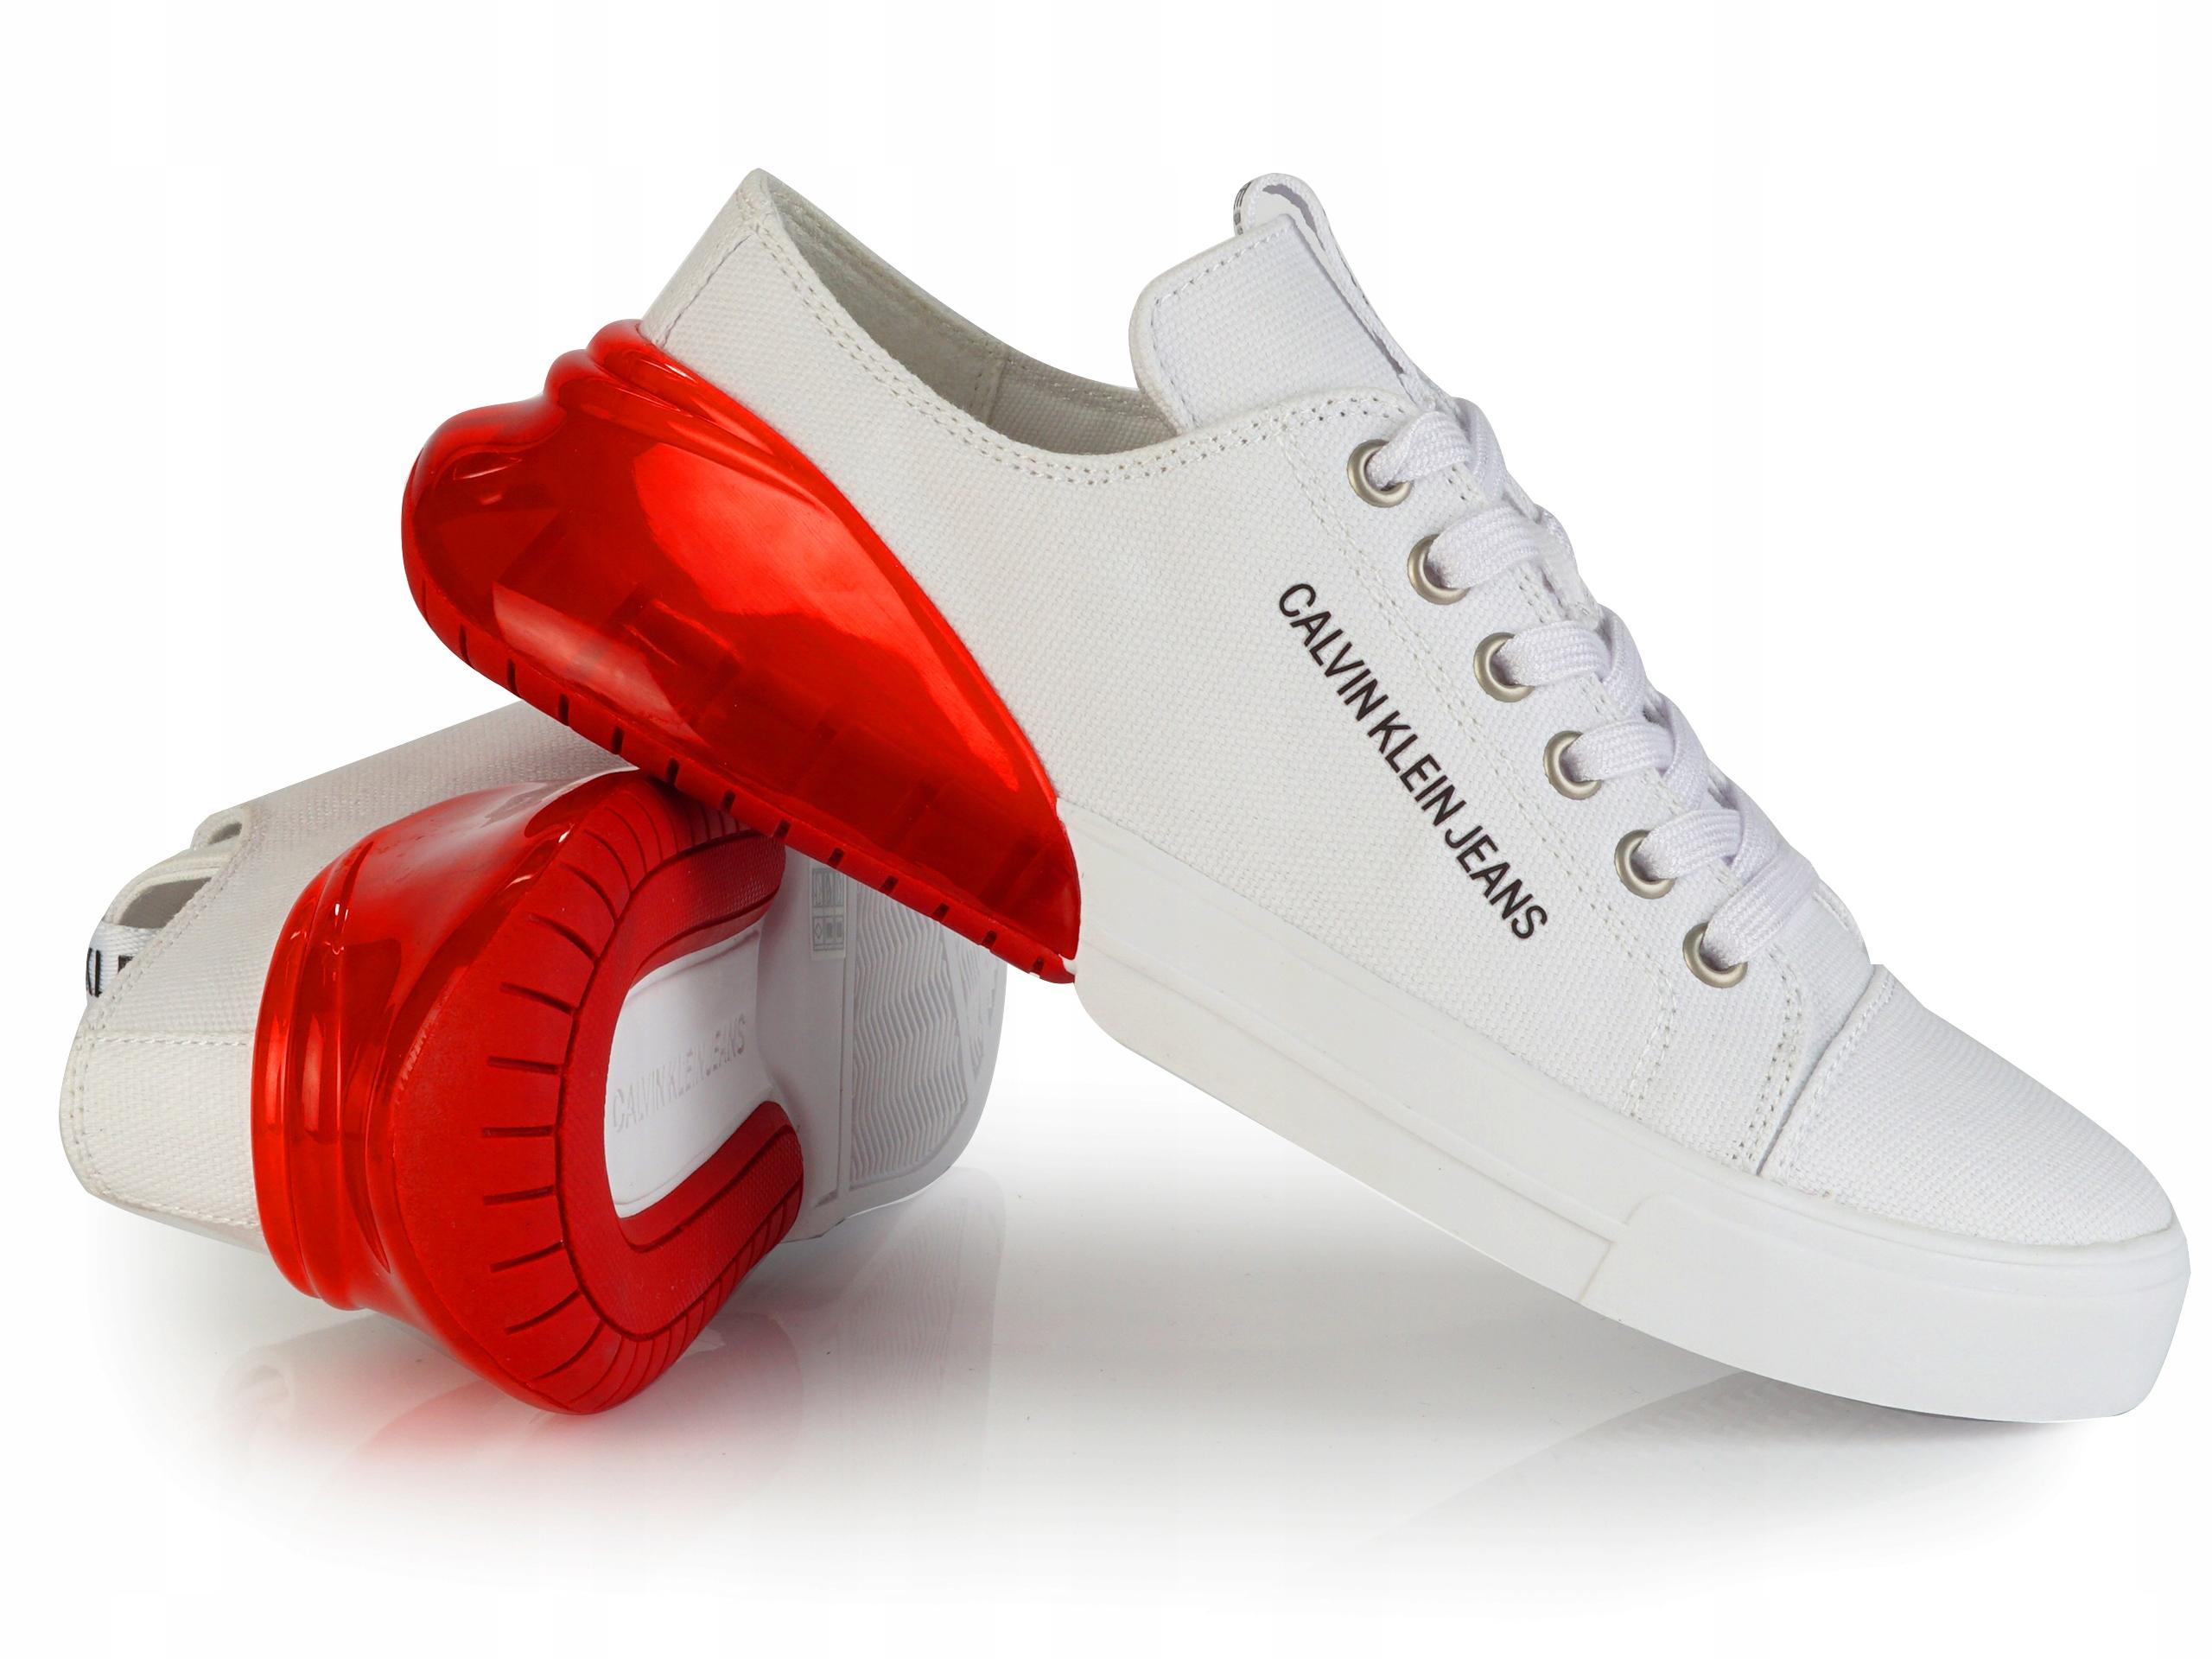 Buty Damskie Calvin Klein Jeans B4r0765 Trampki 9501070649 Allegro Pl